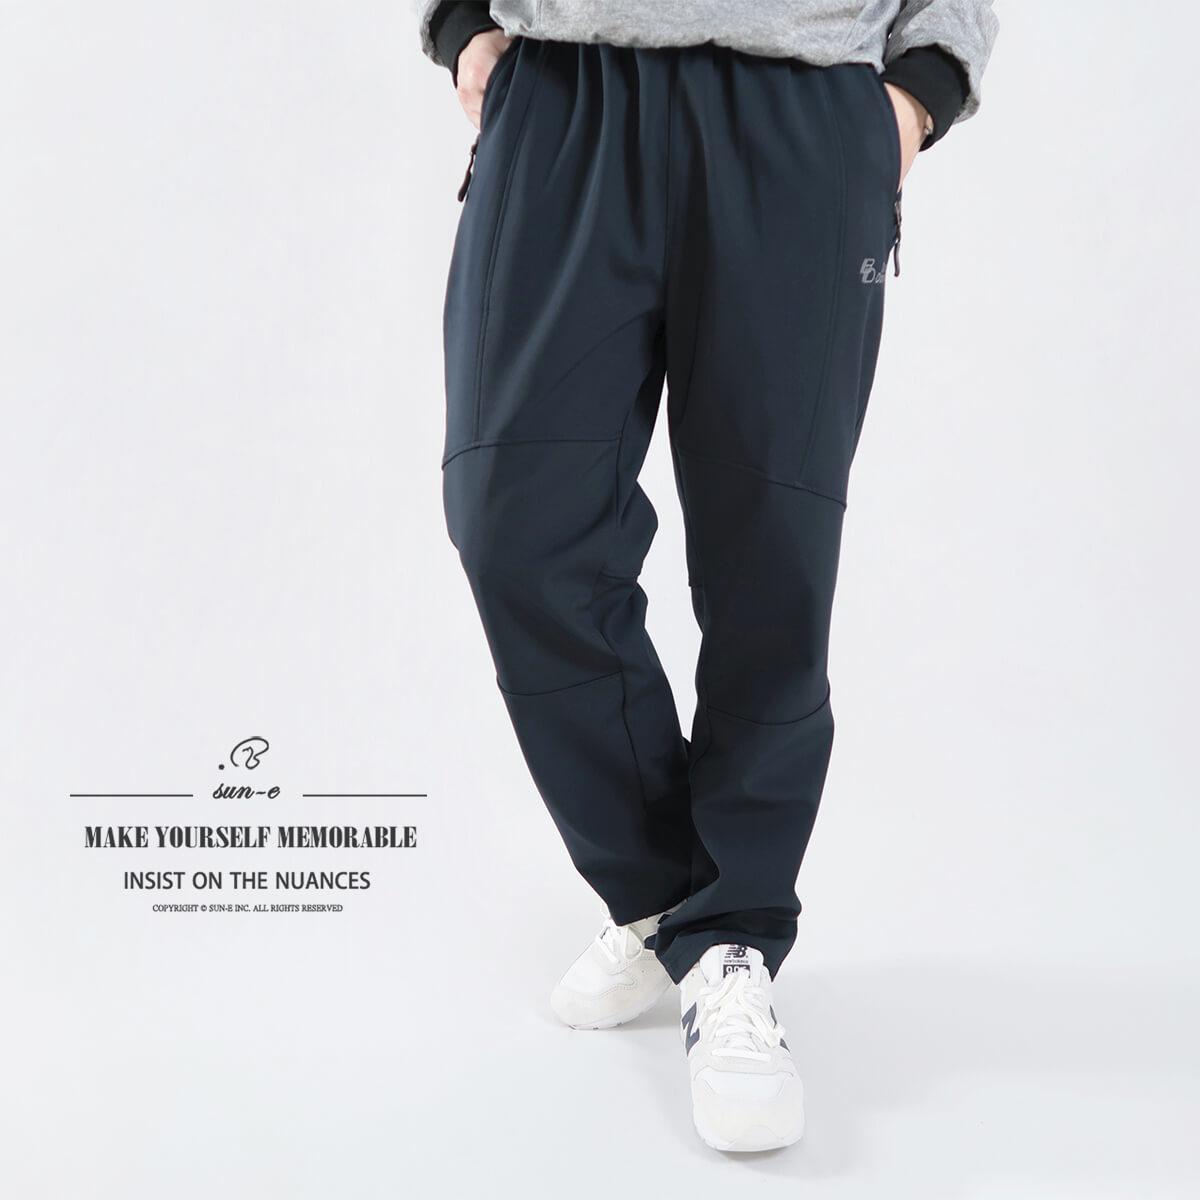 保暖厚刷毛軟殼褲 防風防潑水透氣保暖衝鋒褲 保暖褲 內裡刷毛褲 休閒長褲 黑色長褲 WARM THICK FLEECE LINED SOFTSHELL PANTS OUTDOOR PANTS (321-356-08)深藍色、(321-356-21)黑色、(321-356-22)藍綠色 腰圍M L XL 2L(28~40英吋) [實體店面保障] sun-e 7